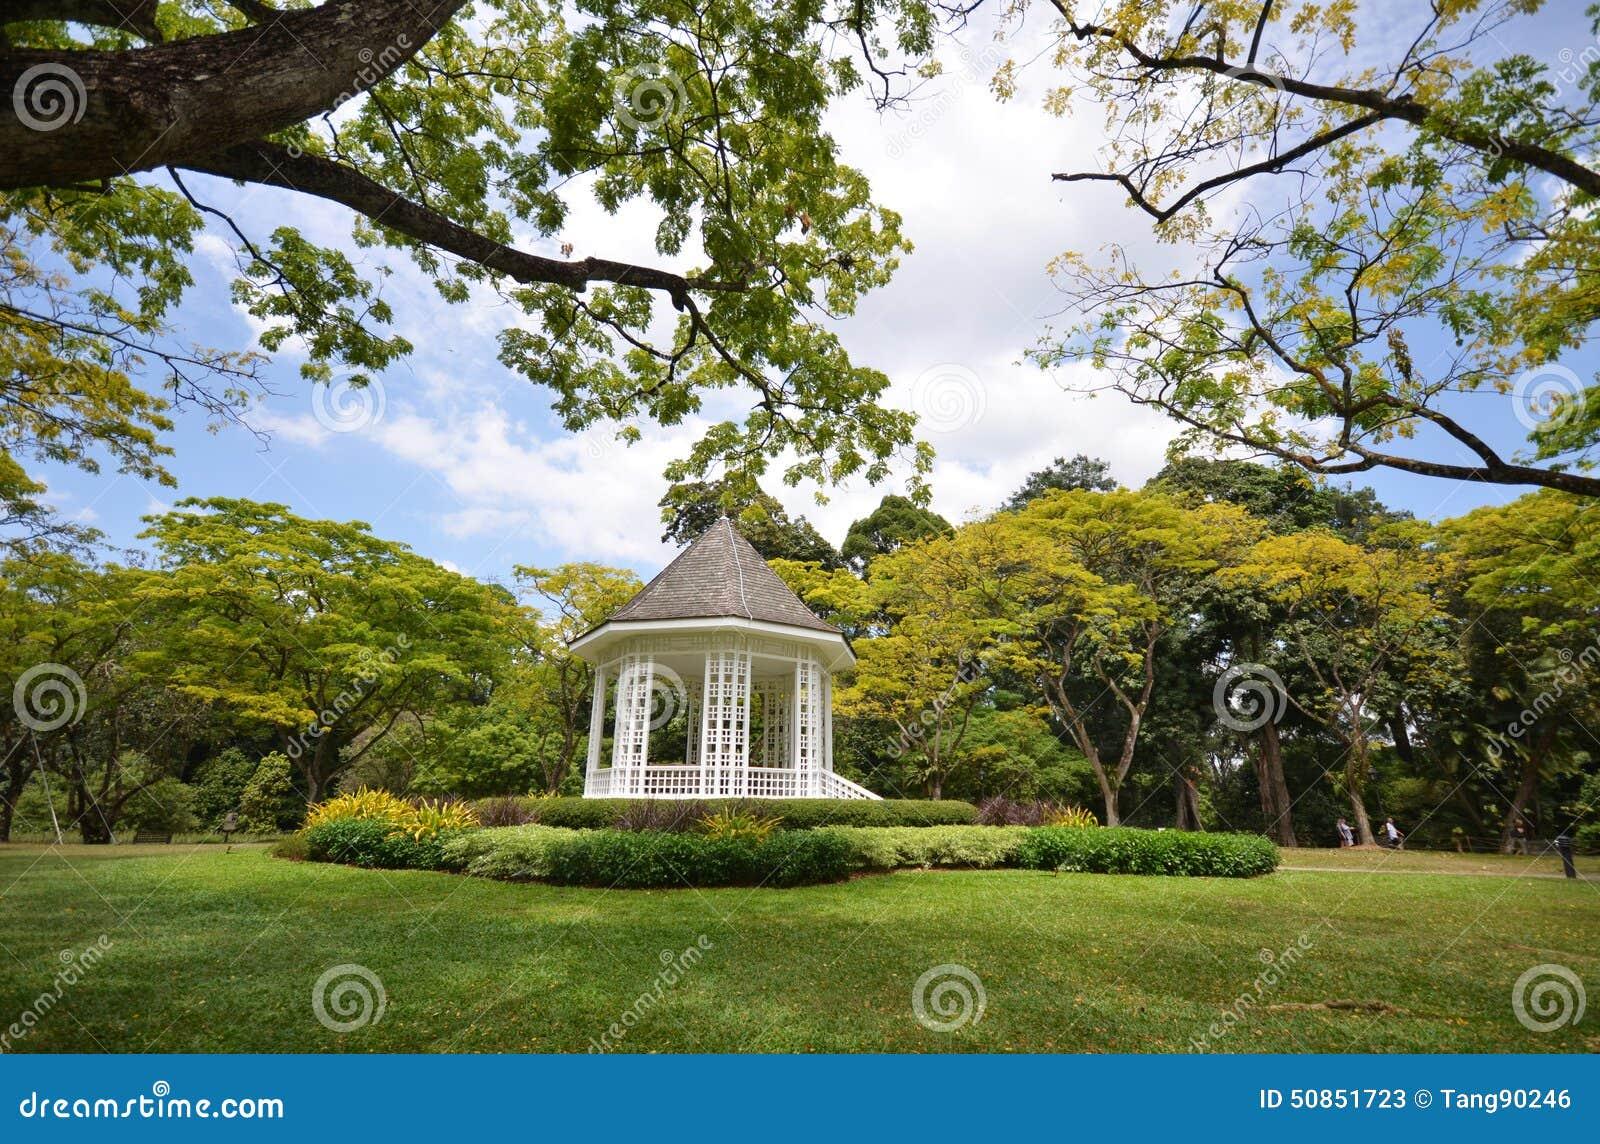 Jardin botanique de singapour photo stock ditorial for Jardin botanique singapour